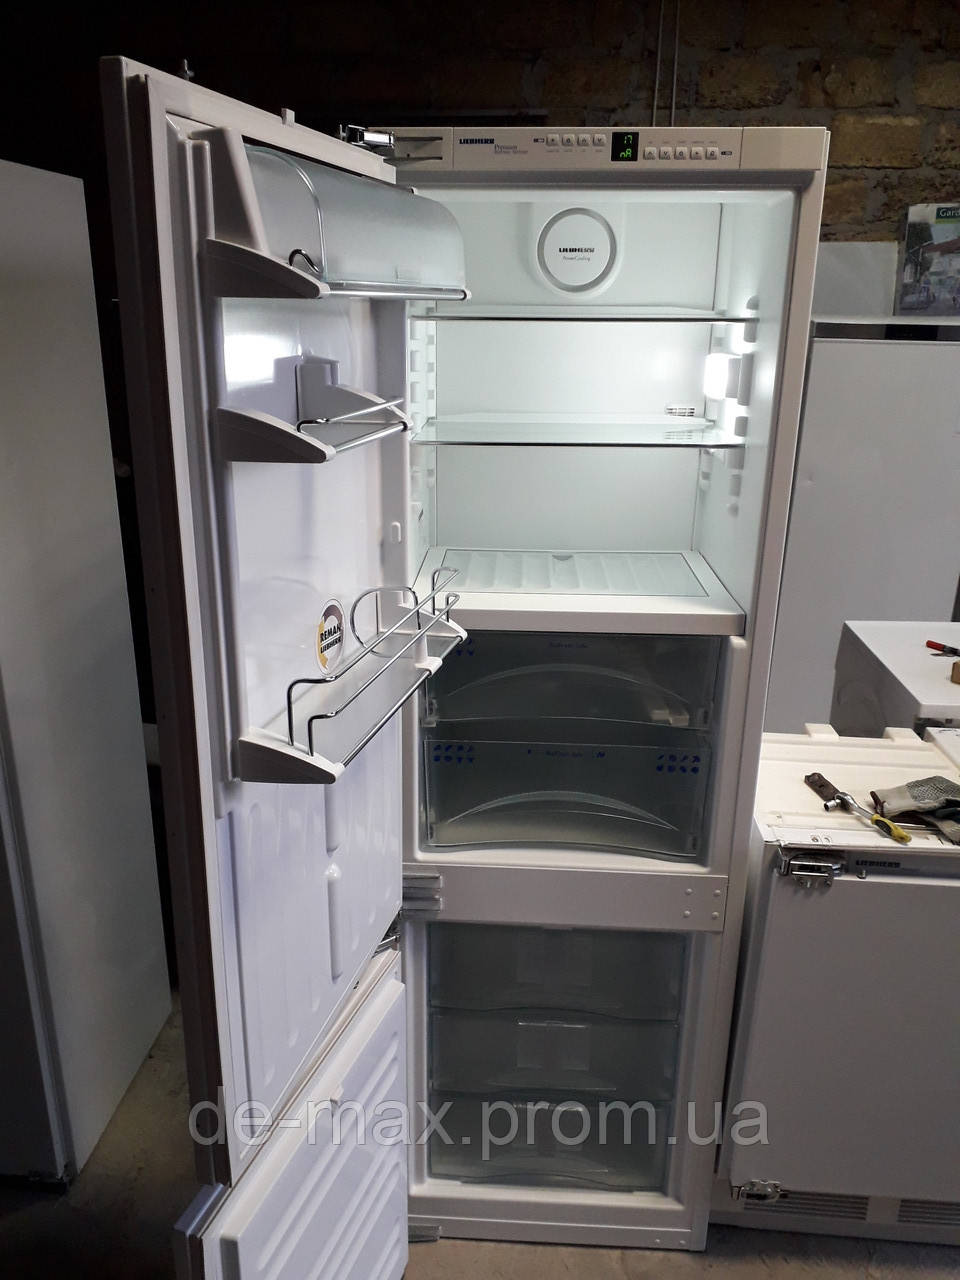 Встраиваемый холодильник LIEBHERR ICBN 3056 No Frost б/у